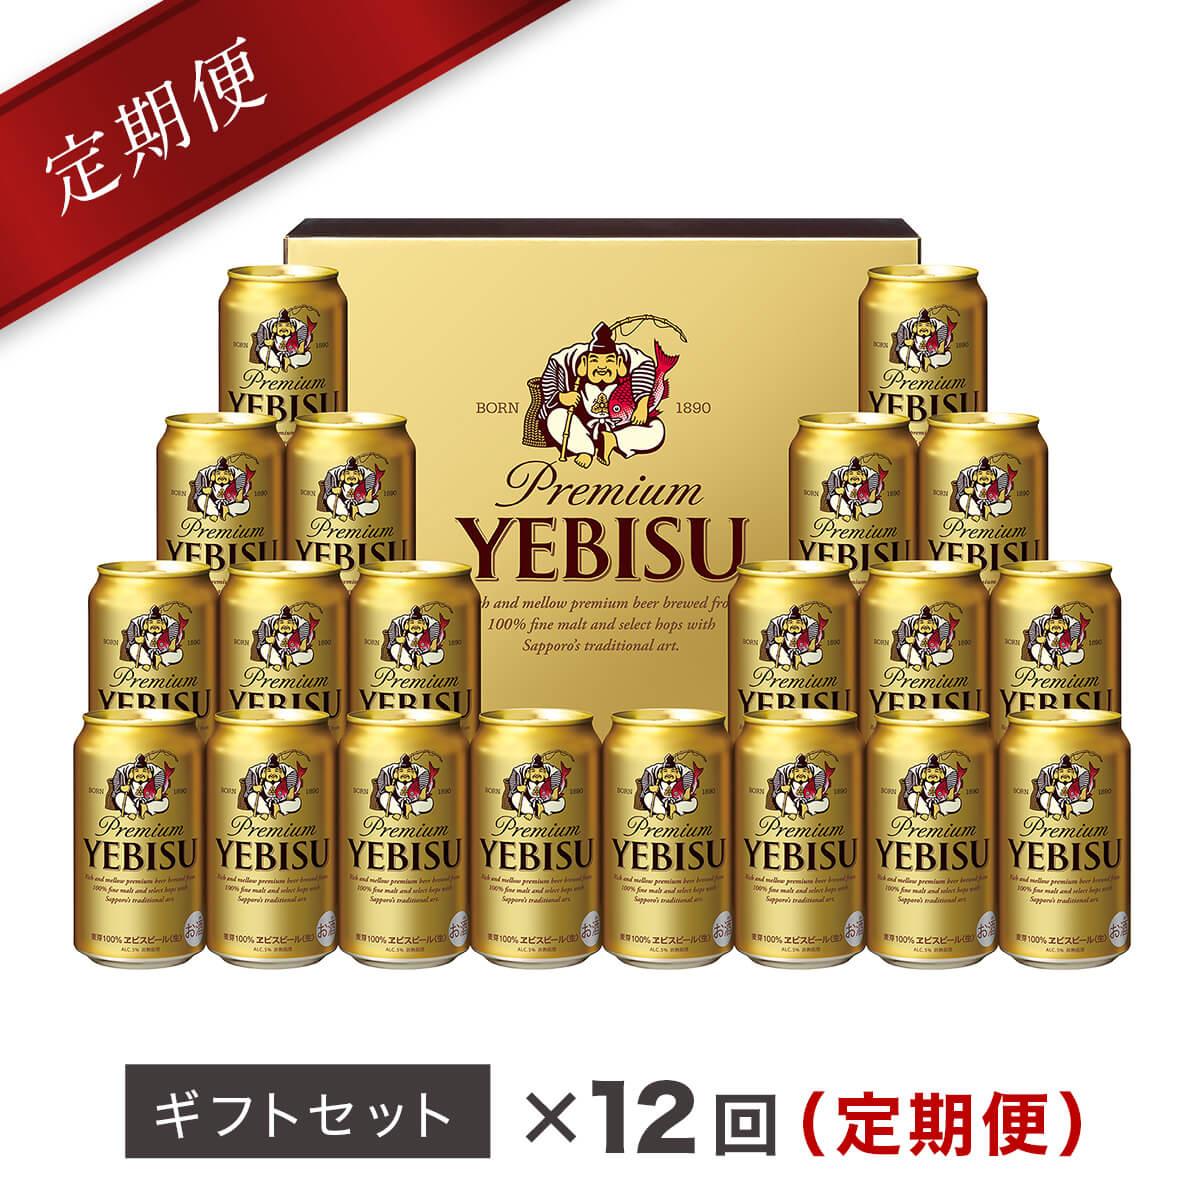 【ふるさと納税】地元名取生産 ヱビスビール定期便 20本入ギフトセット(350ml×20本を12回お届け)